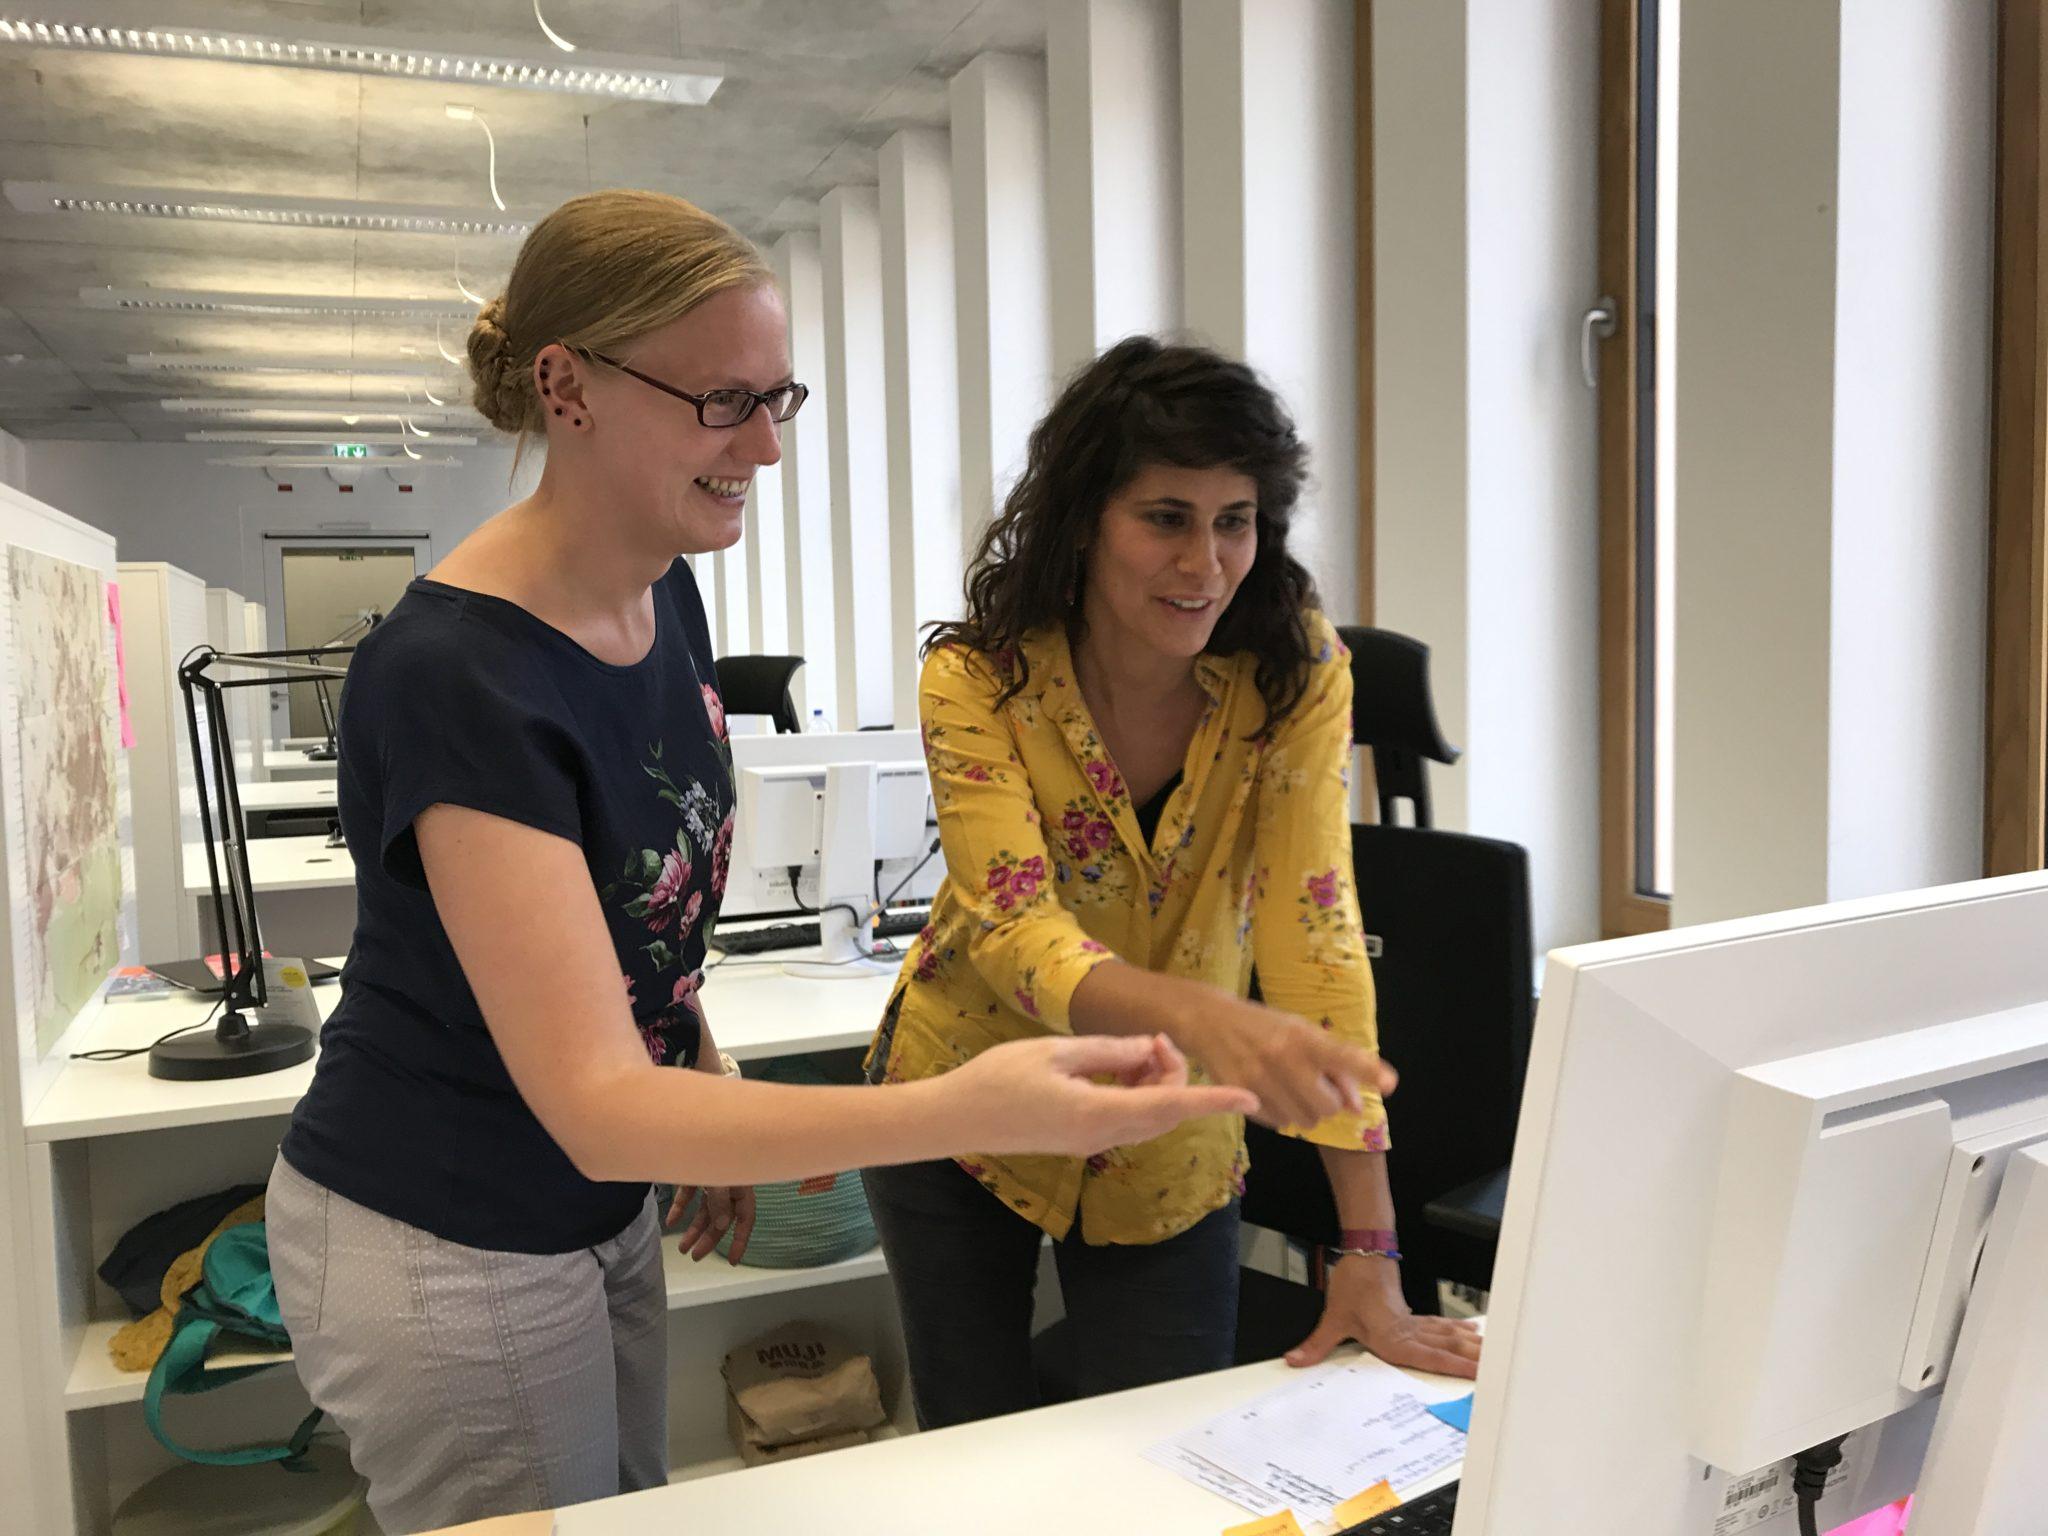 historisches museum frankfurt: Die neuen Mitarbeiterinnen